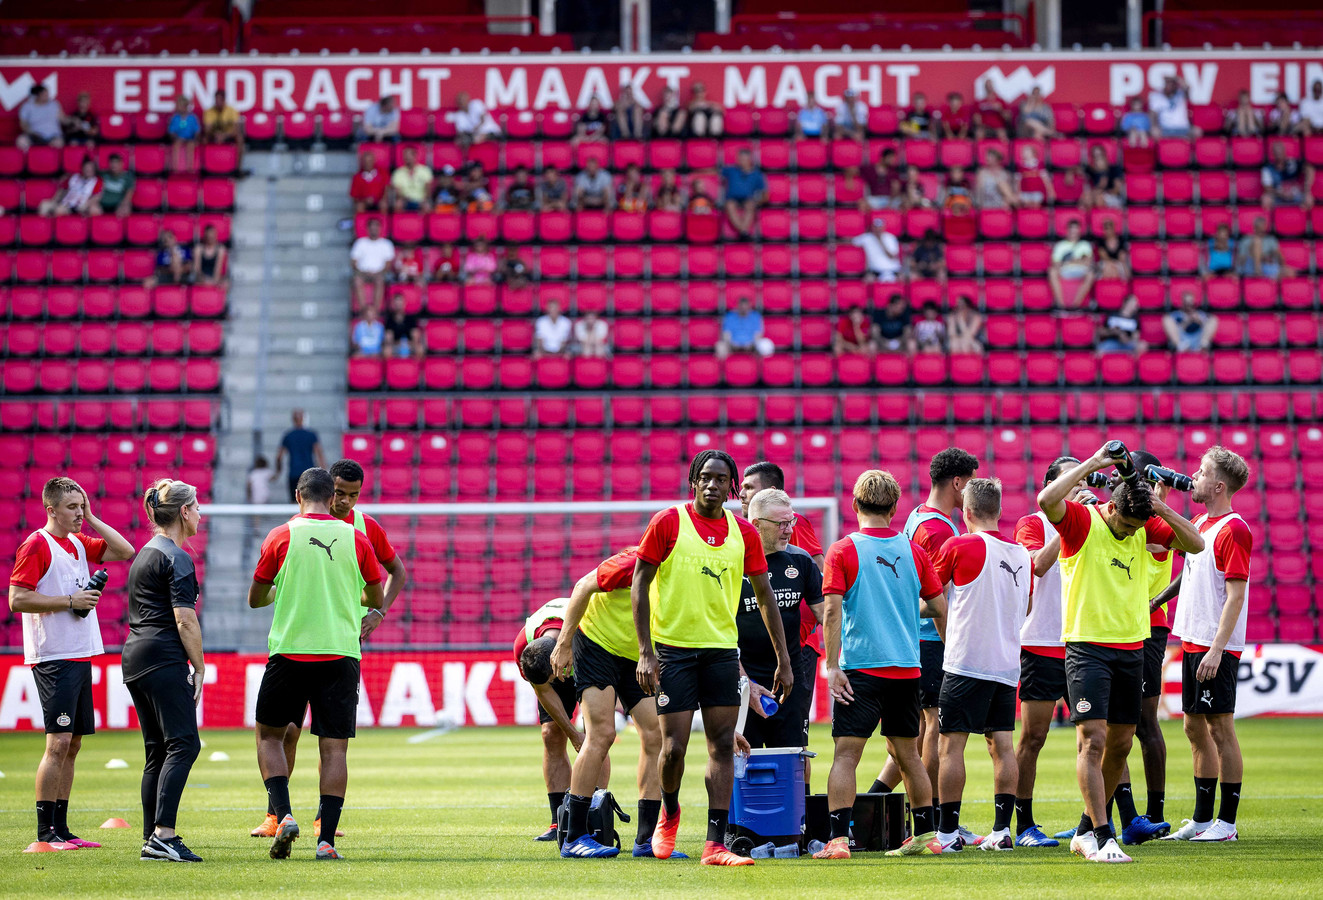 Het Philips Stadion in coronatijd, supporters moeten afstand houden waardoor maar een beperkt deel van het stadion gevuld is.